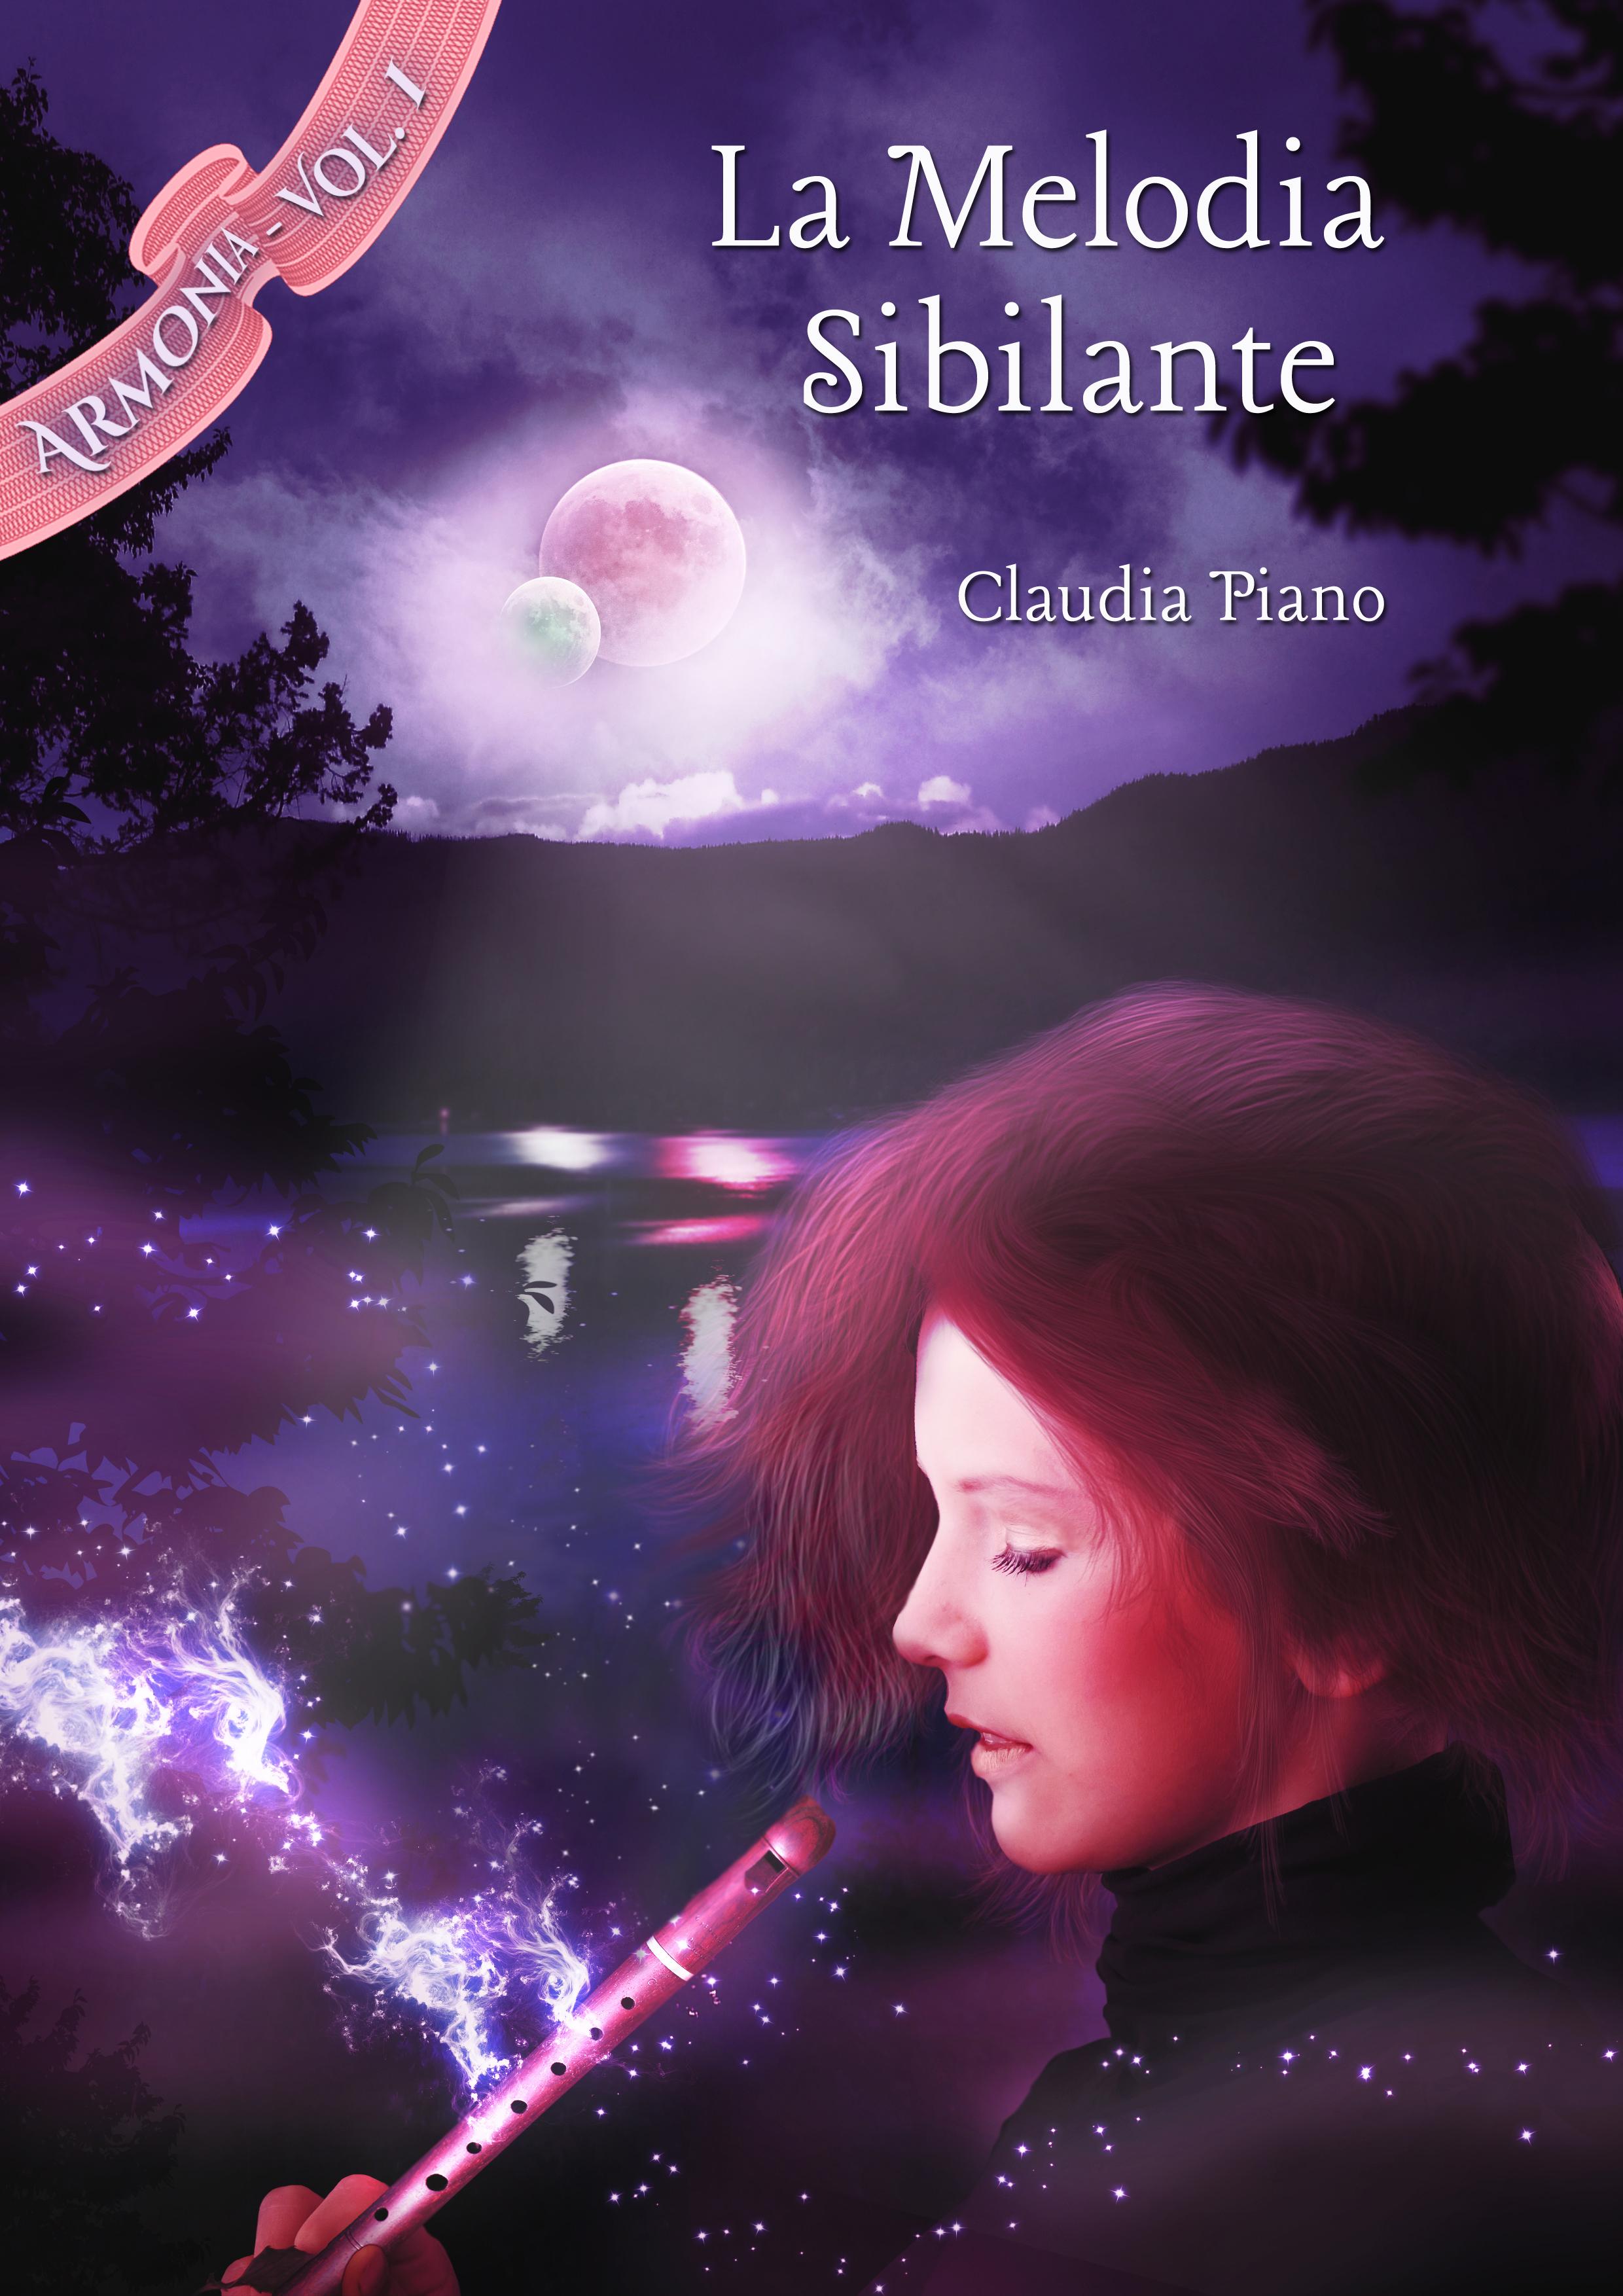 La Melodia Sibilante by Romance Cover Graphic